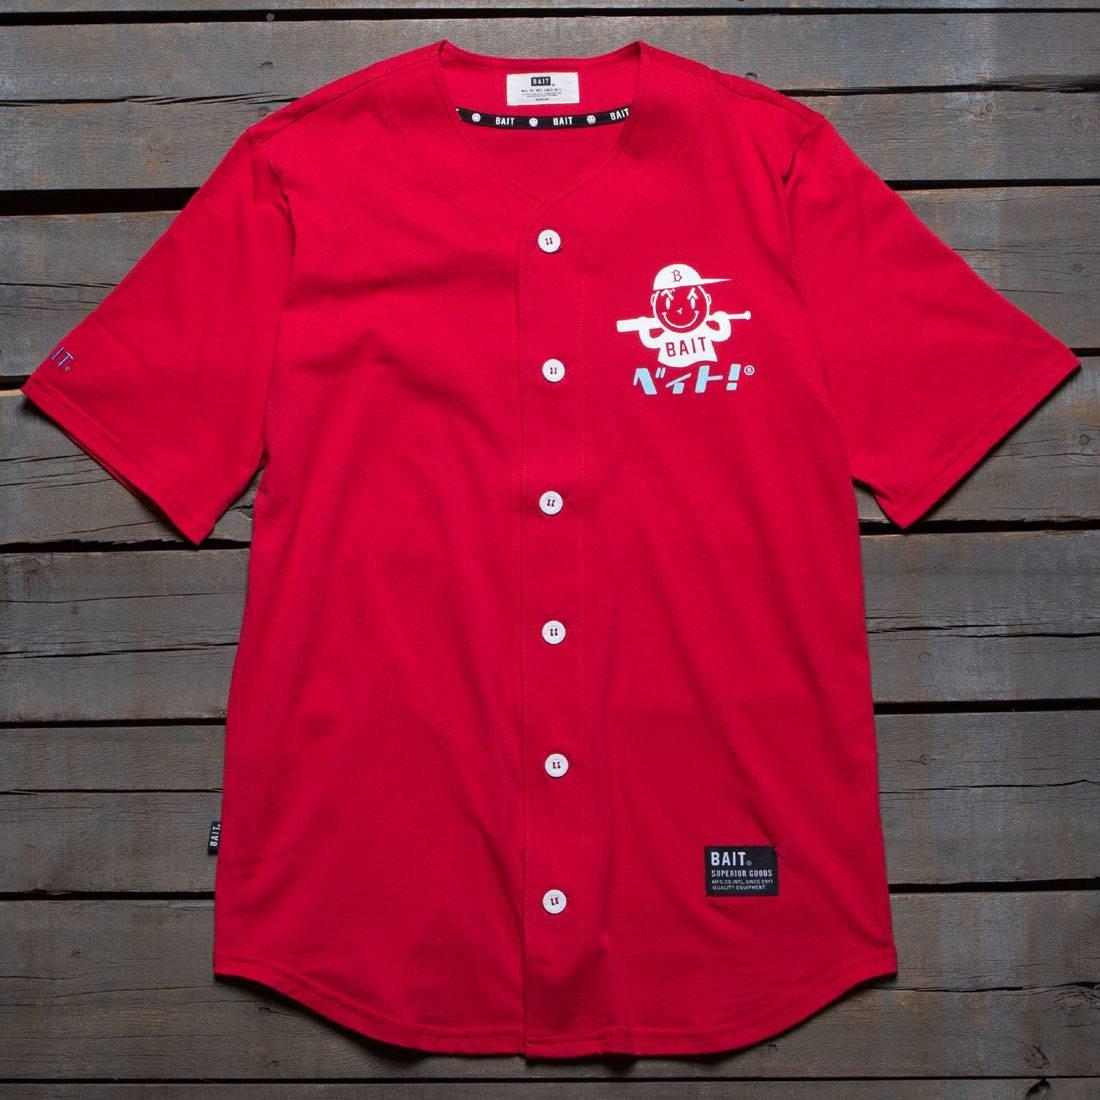 【海外限定】ロゴ ベースボール】 ジャージ トップス Tシャツ Tシャツ RED【 BAIT MEN NIPPON LOGO BASEBALL JERSEY SHIRT RED】, KOMEHYO USED WEAR:b7e30607 --- officewill.xsrv.jp